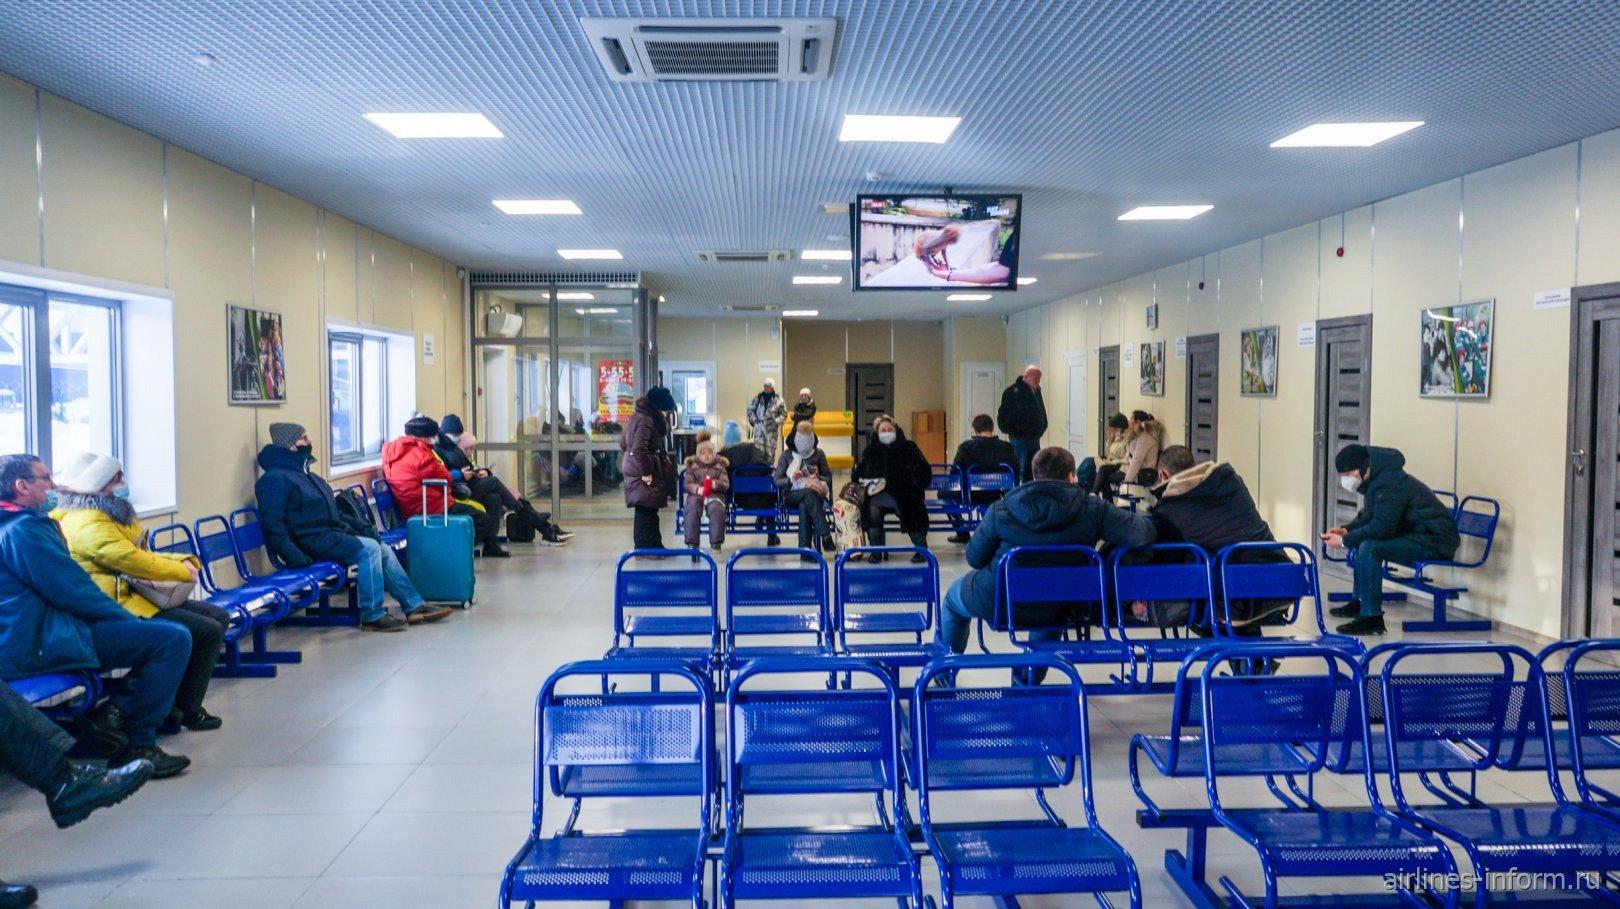 Внутри аэровокзала аэропорта Усть-Илимск